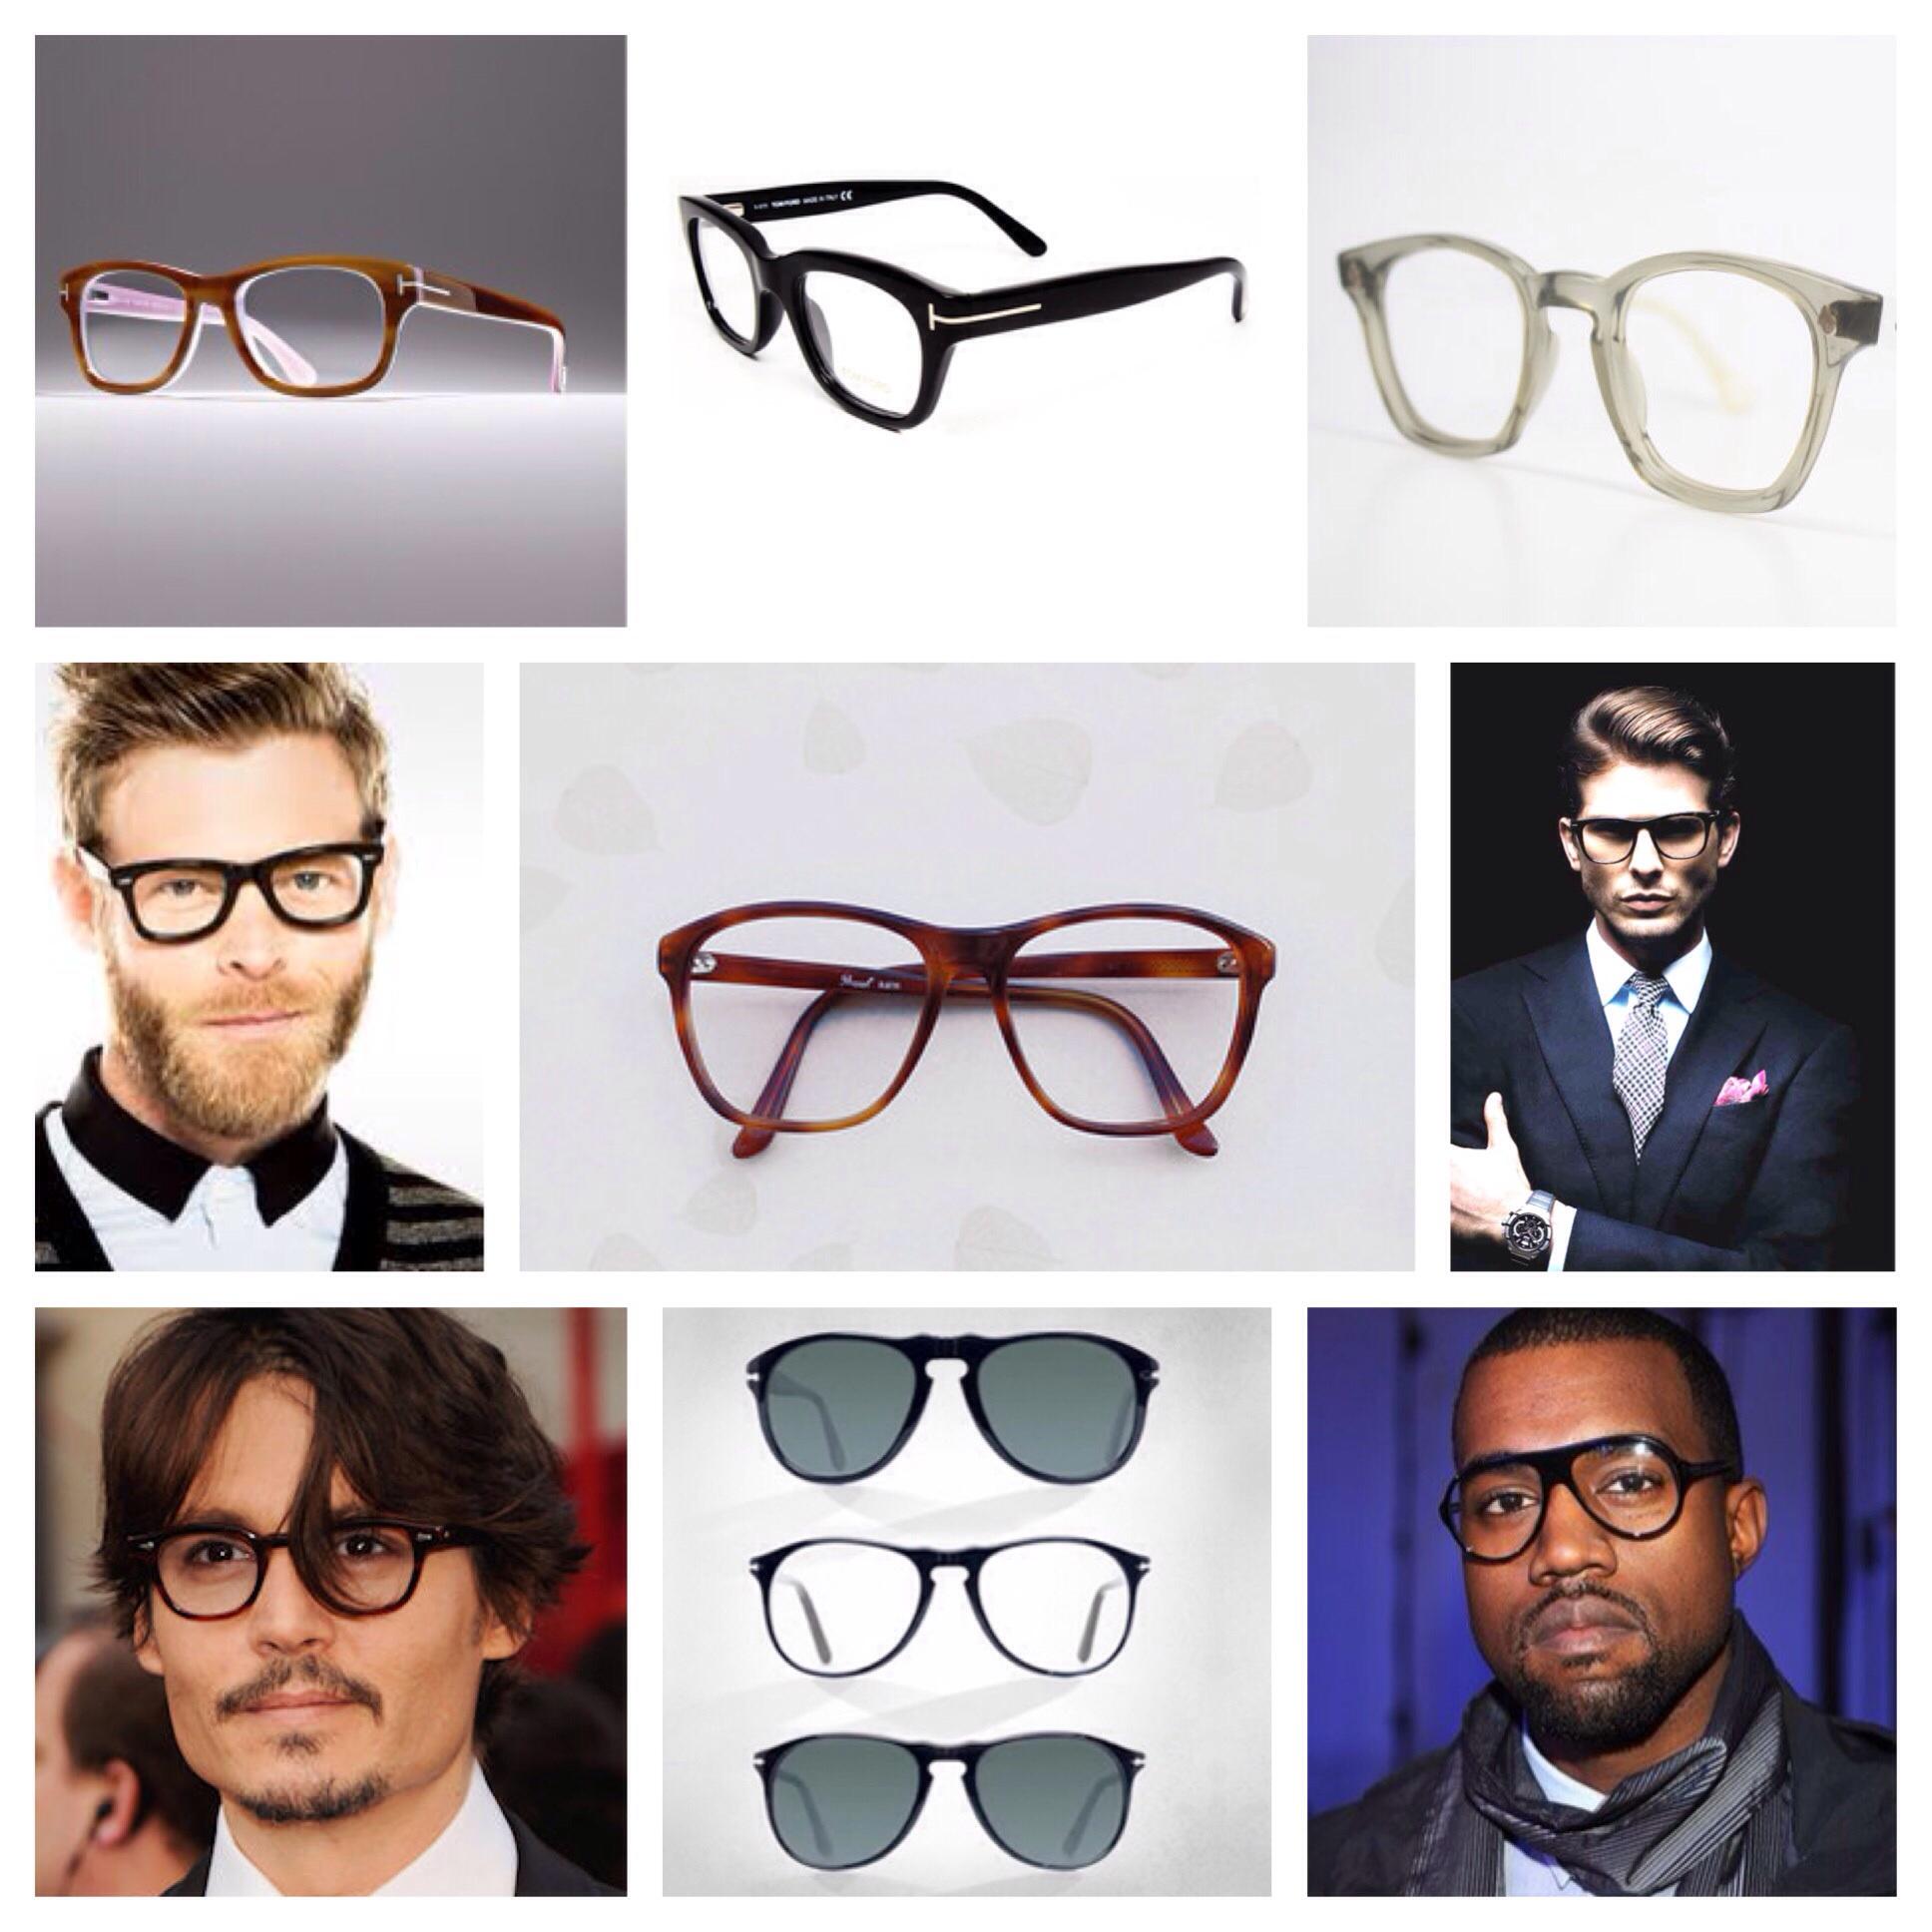 Images Courtesy of Google  #eyewear #fashionstatement #aesthetic #ISayYes